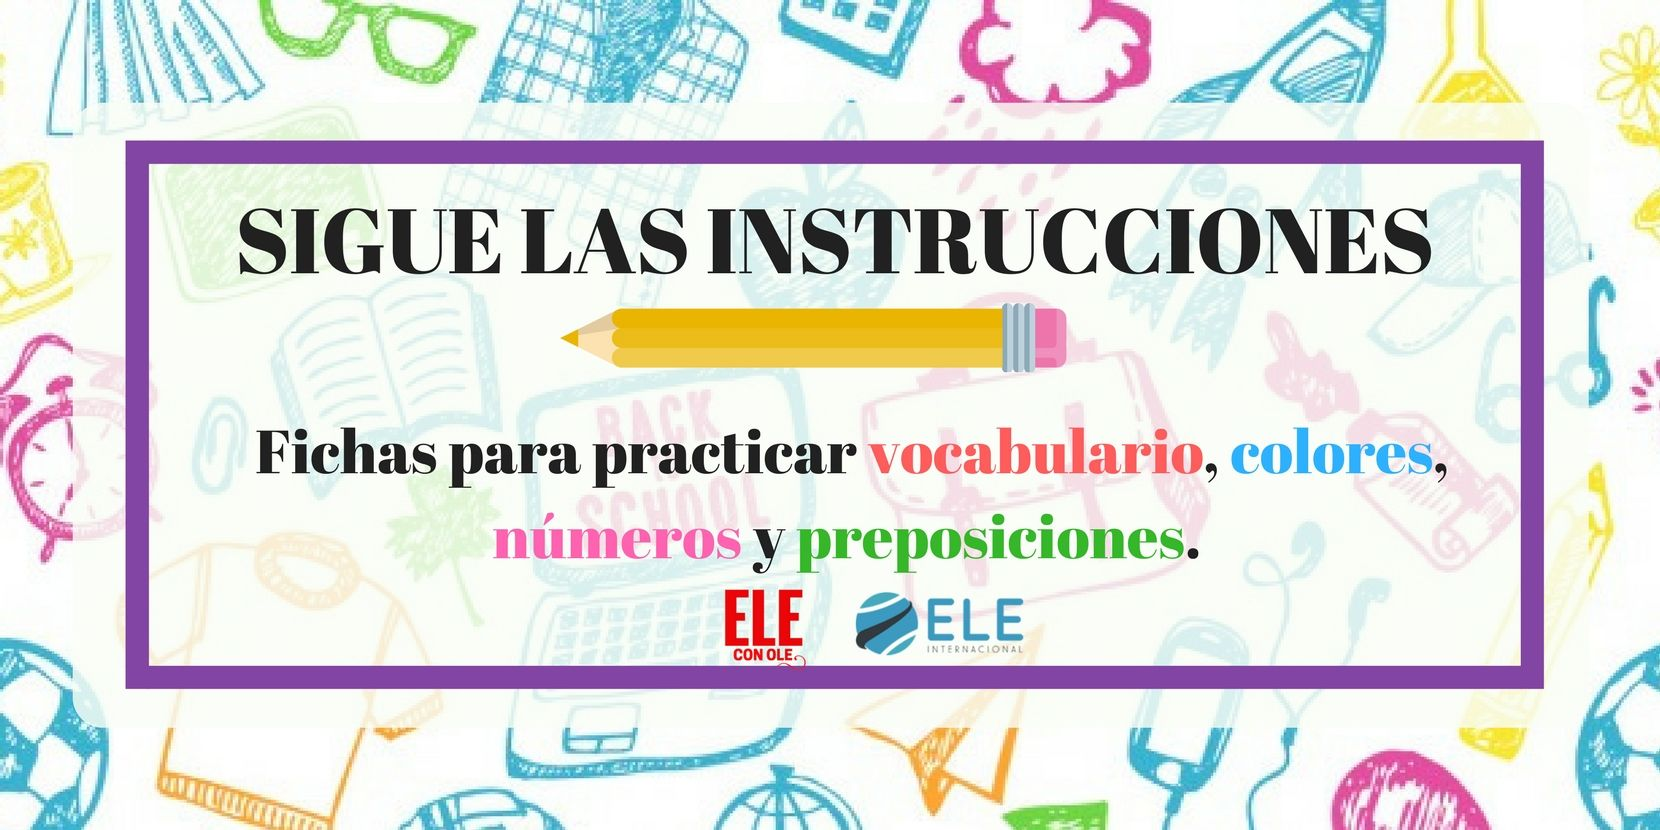 ¡Hola a todos!Hoy comparto con vosotros unas fichas muy útiles para practicar vocabulario sobre diferentes temas, las preposiciones de lugar, colores y núm